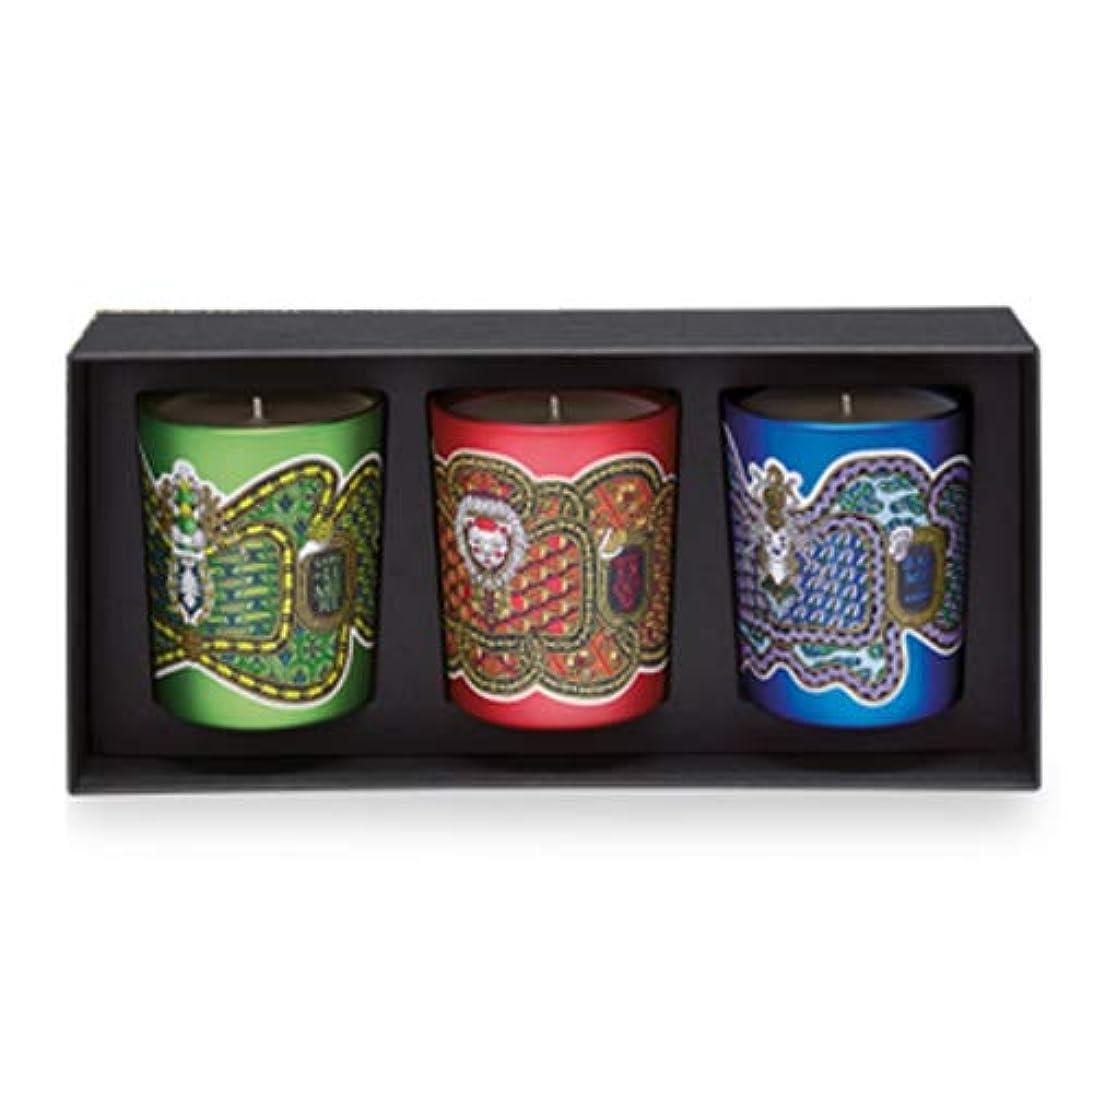 ひらめきシェルター教育学ディプティック フレグランス キャンドル コフレ 3種類の香り 190g×3 DIPTYQUE LEGENDE DU NORD SCENTED HOLIDAY 3 CANDLE SET [6586] [並行輸入品]